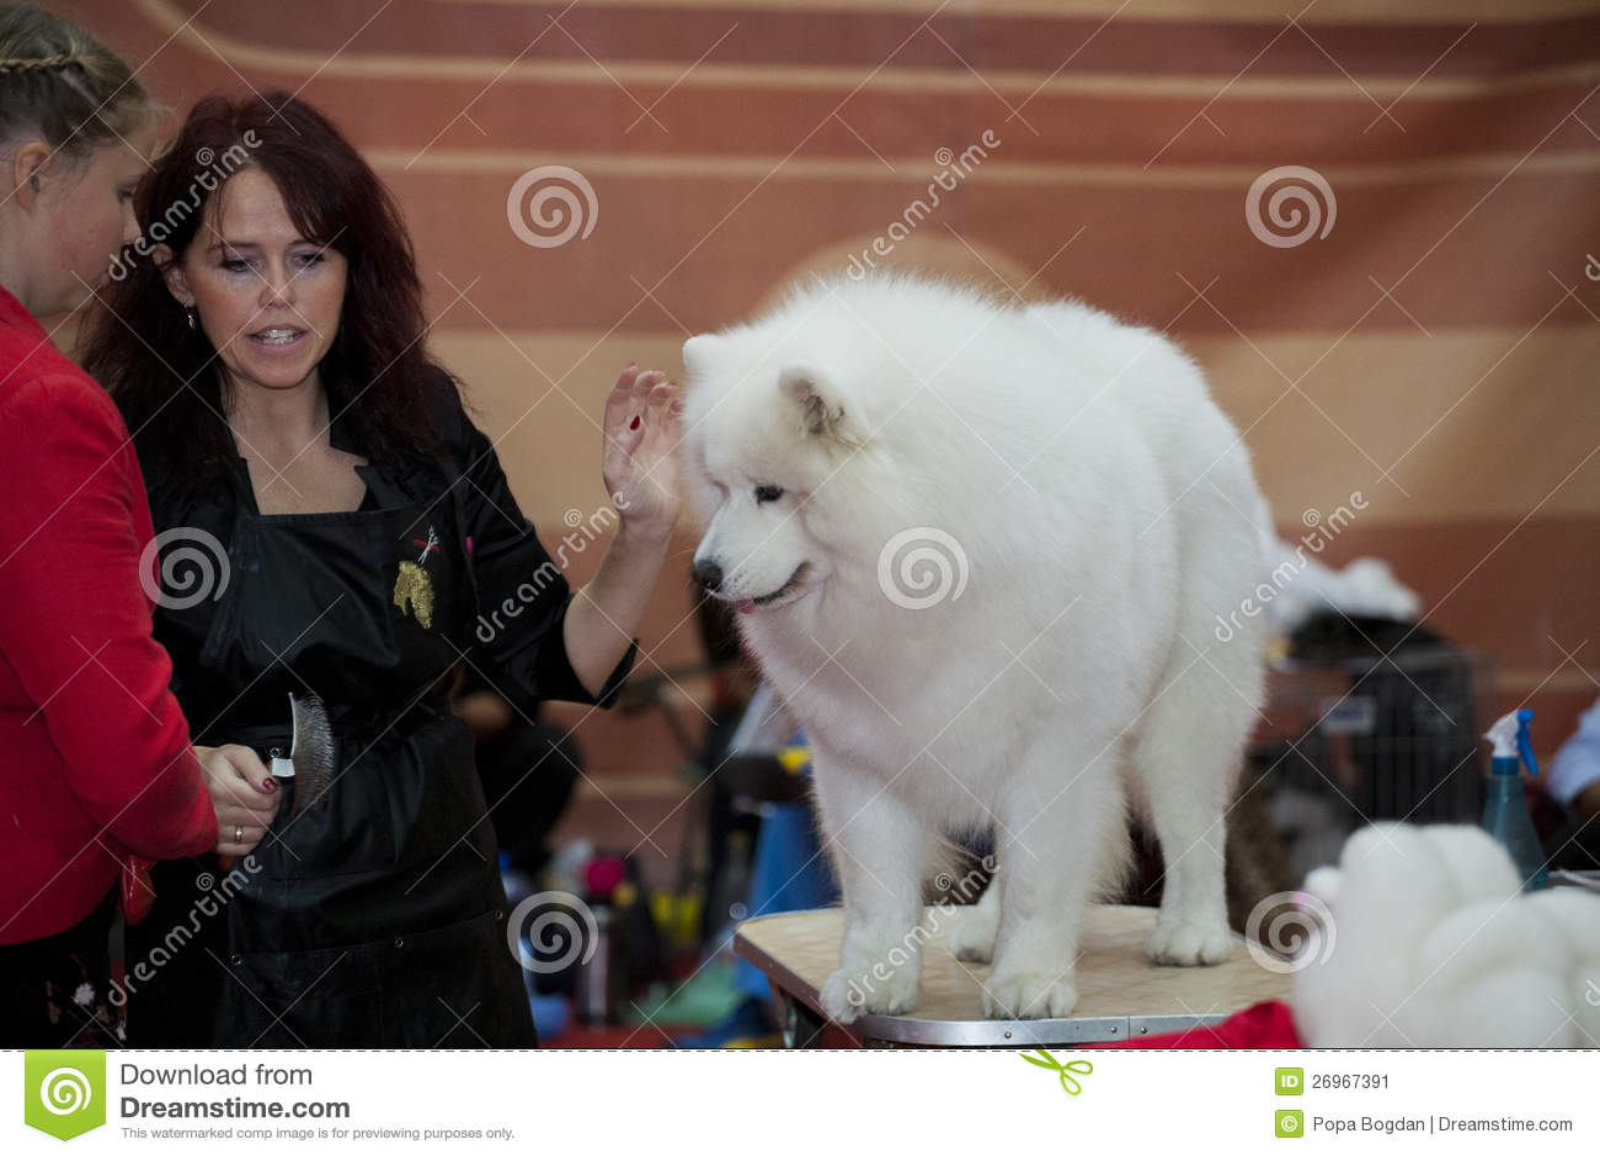 色狗与人弄的直流水_处理程序和他的在eukanuba狗展示的萨莫耶特人.